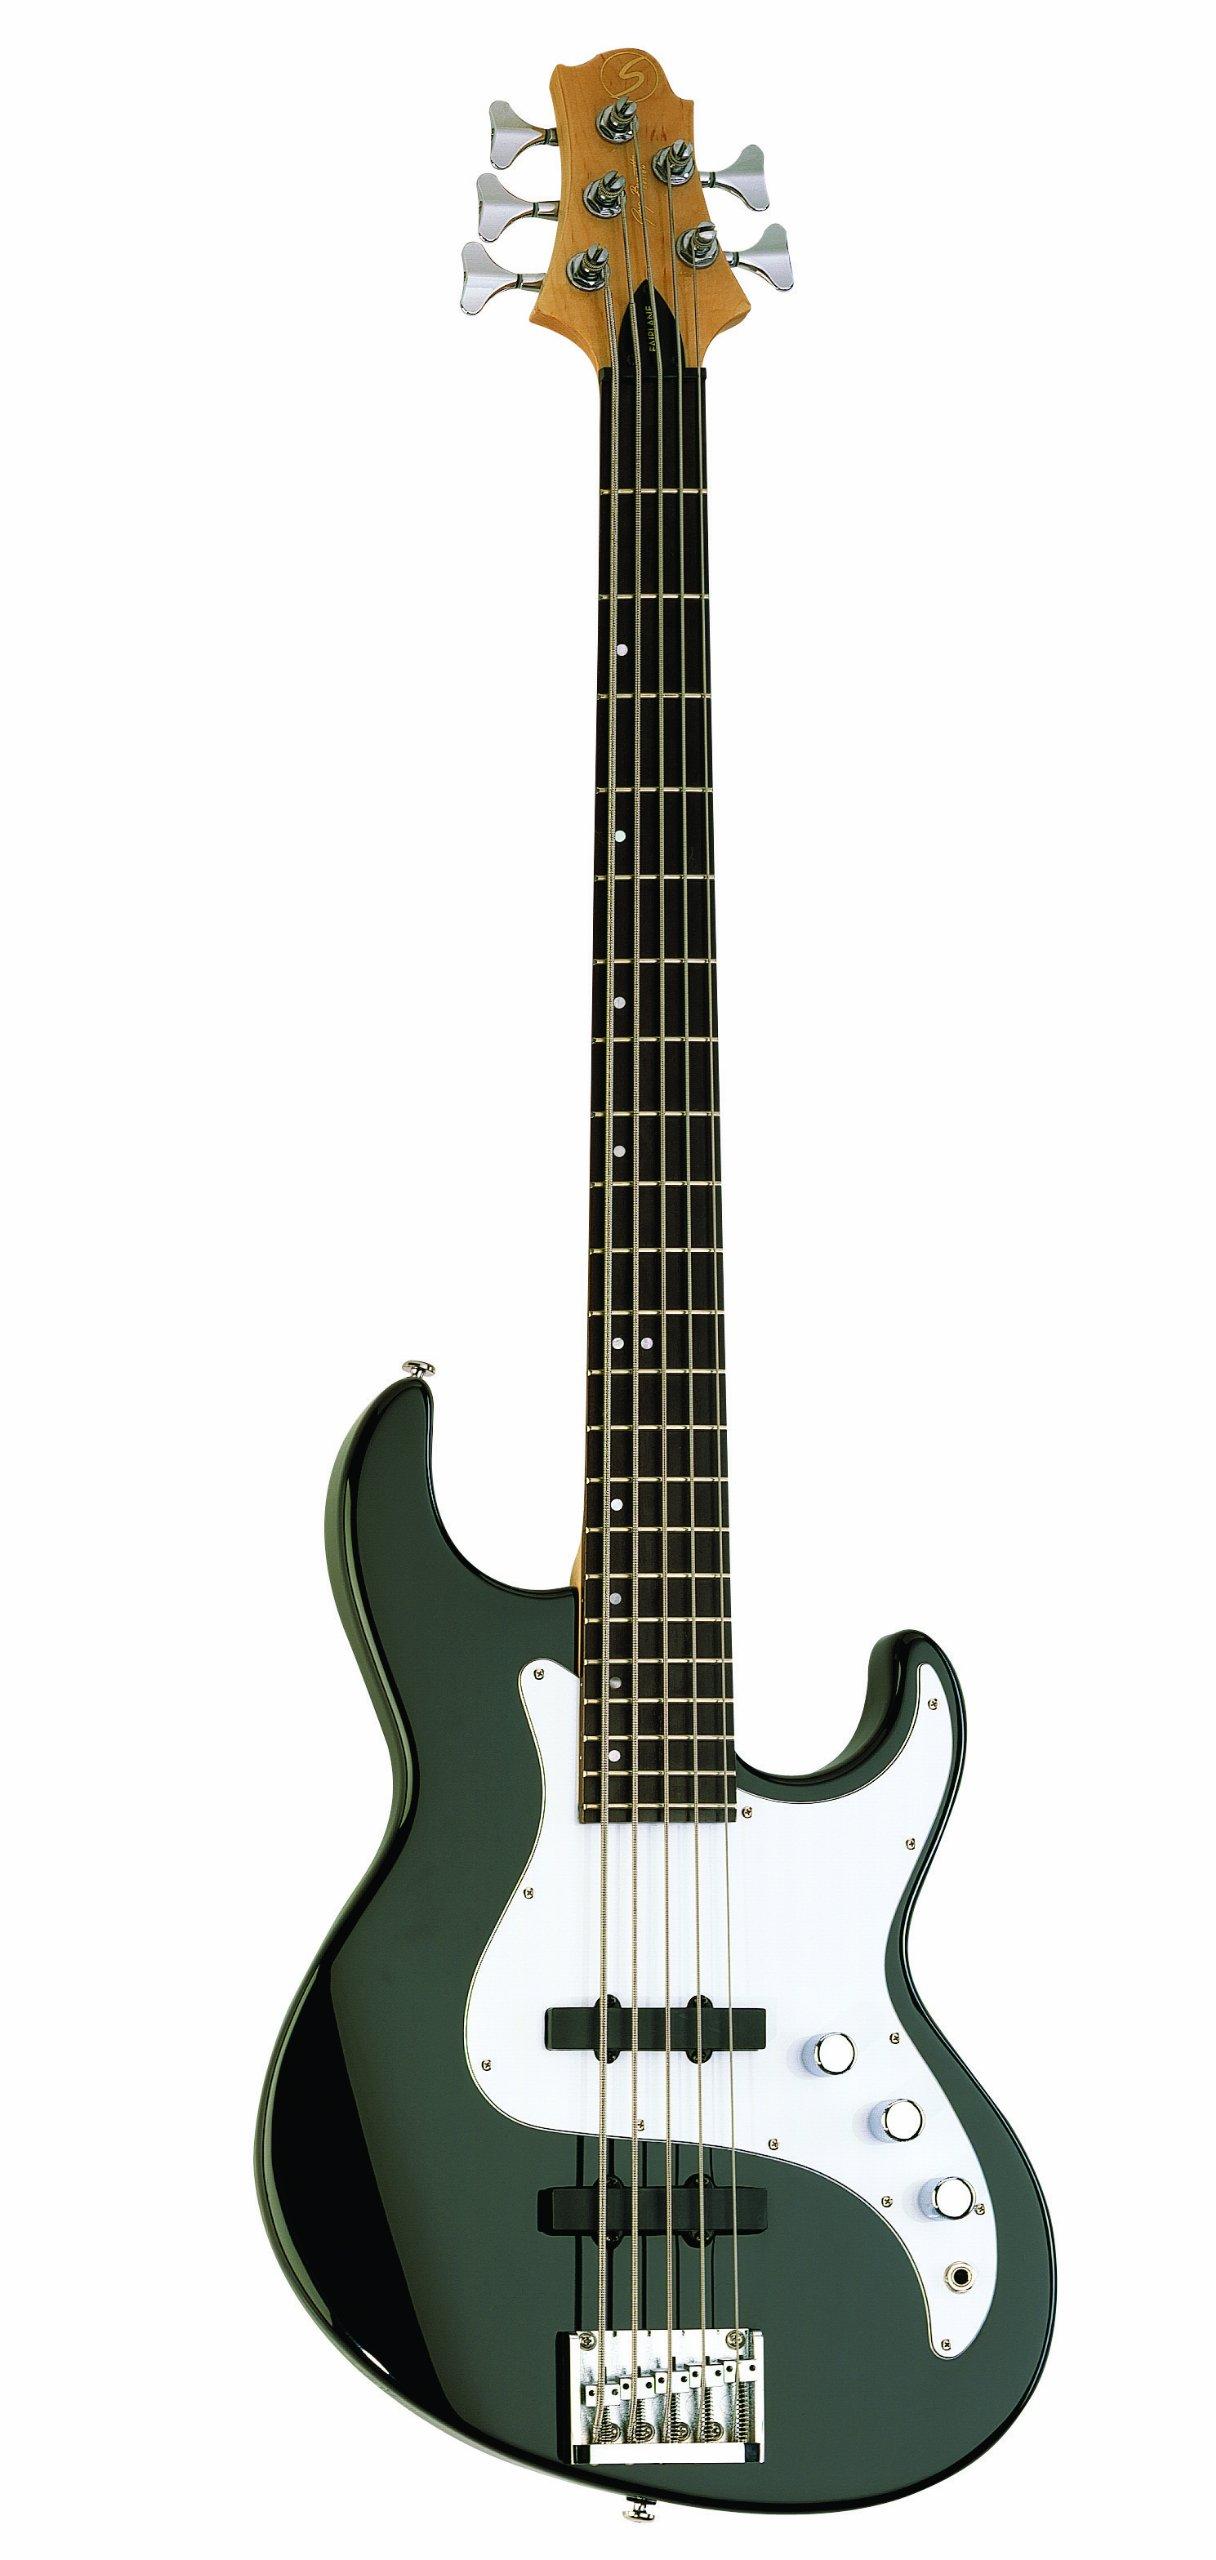 Samick Greg Bennett Design FN15 5-String Bass Guitar, Black by Samick